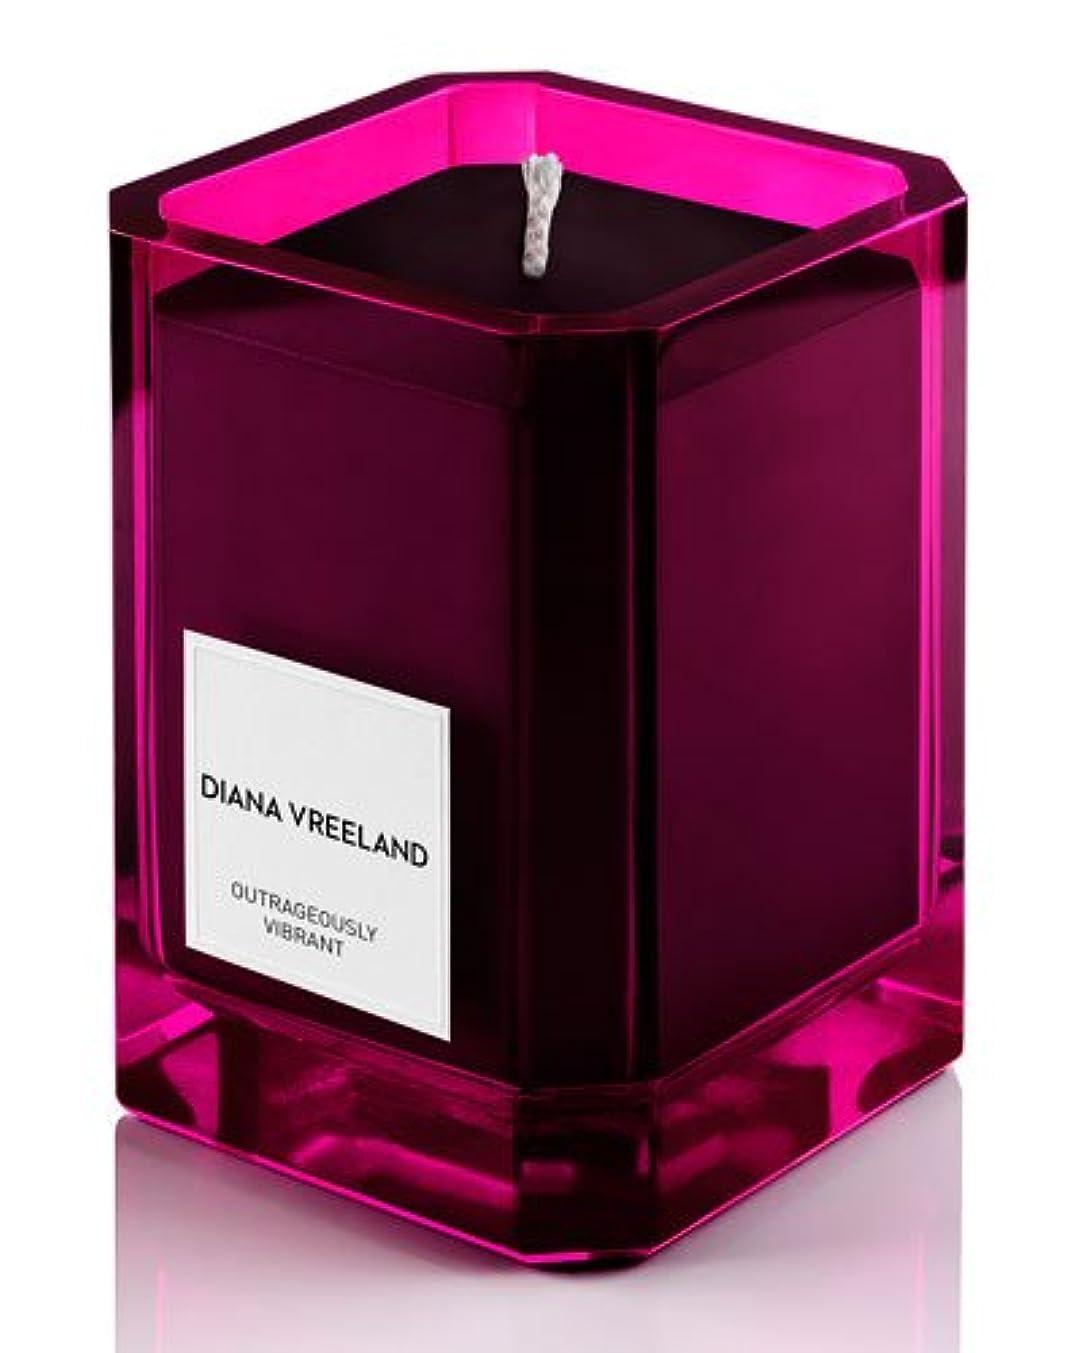 浪費レジデンス不正直Diana Vreeland Outrageously Vibrant(ダイアナ ヴリーランド アウトレイジャスリー ヴィブラント)9.7 oz (291ml) Candle(香り付きキャンドル)